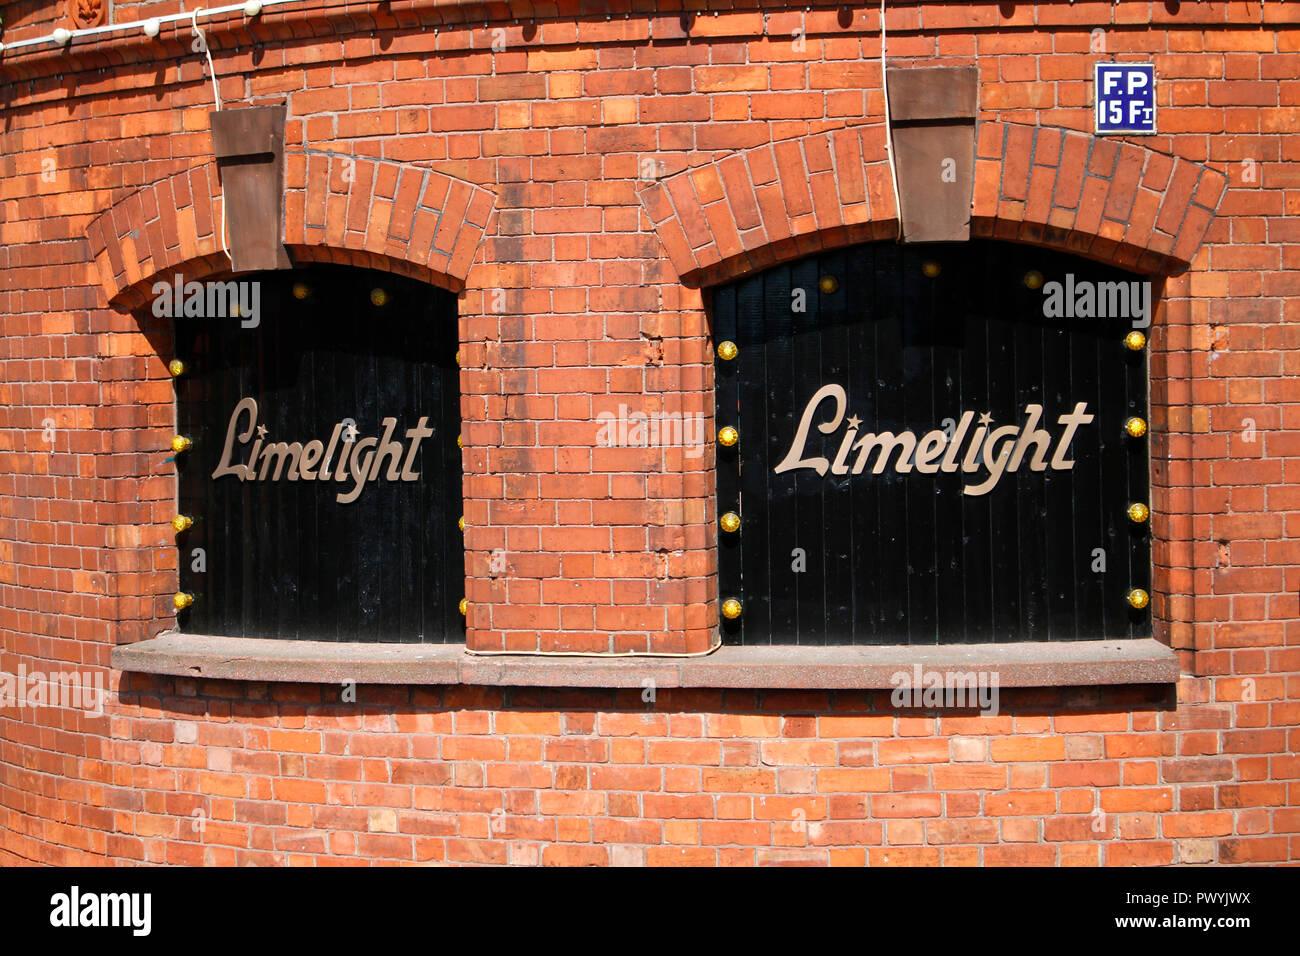 das Logo der Marke/ the logo of the brand 'Limelight',  Belfast, Nordirland/ Northern Ireland  (nur fuer redaktionelle Verwendung. Keine Werbung. Refe - Stock Image